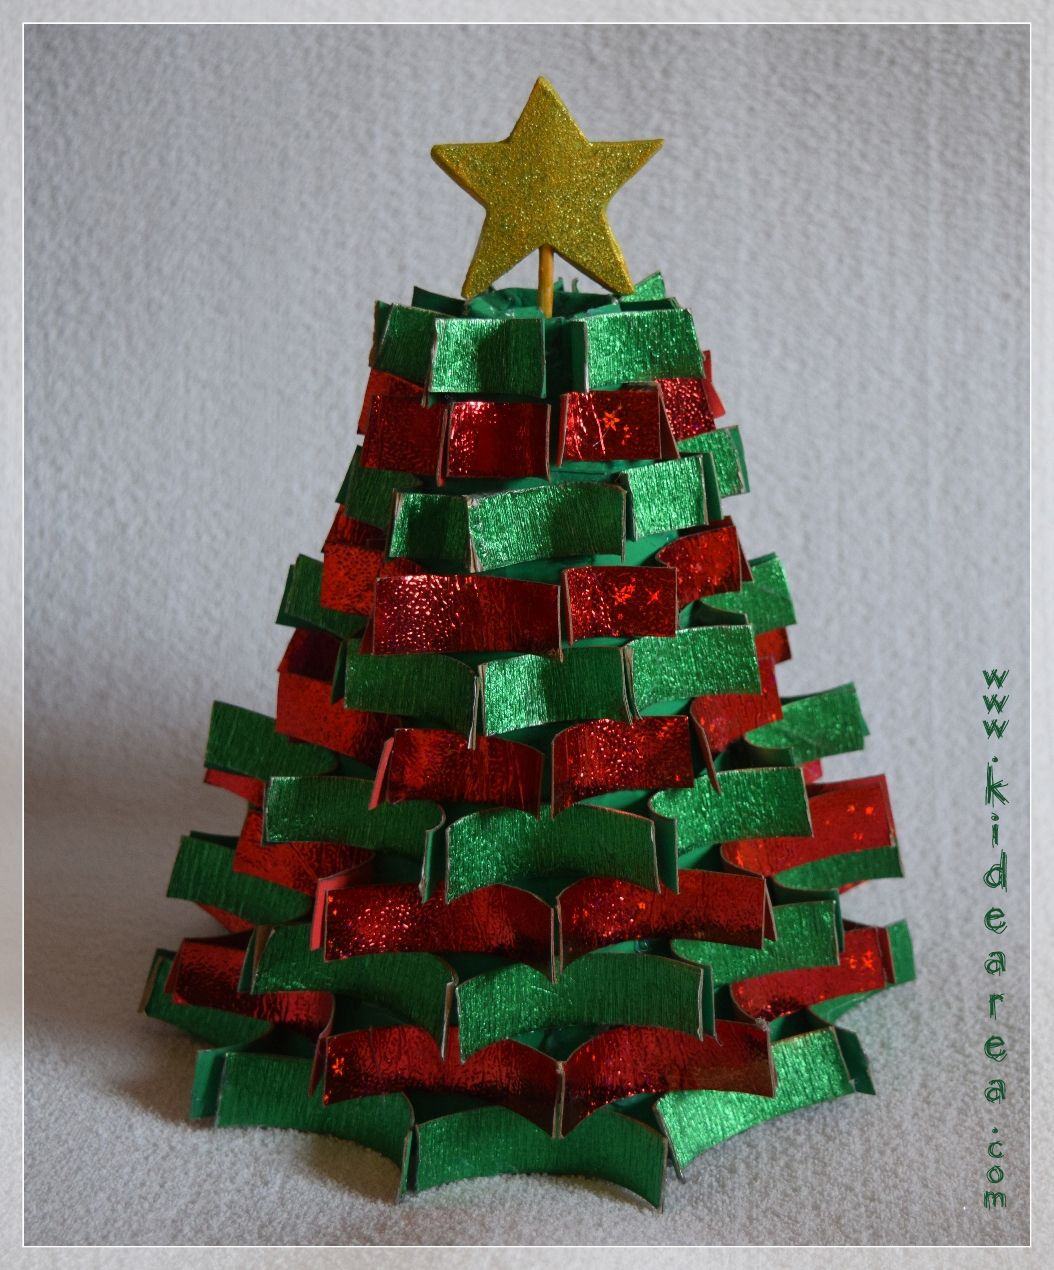 Arbolito de navidad con material reciclado manualidades for Manualidades para ninos de navidad faciles